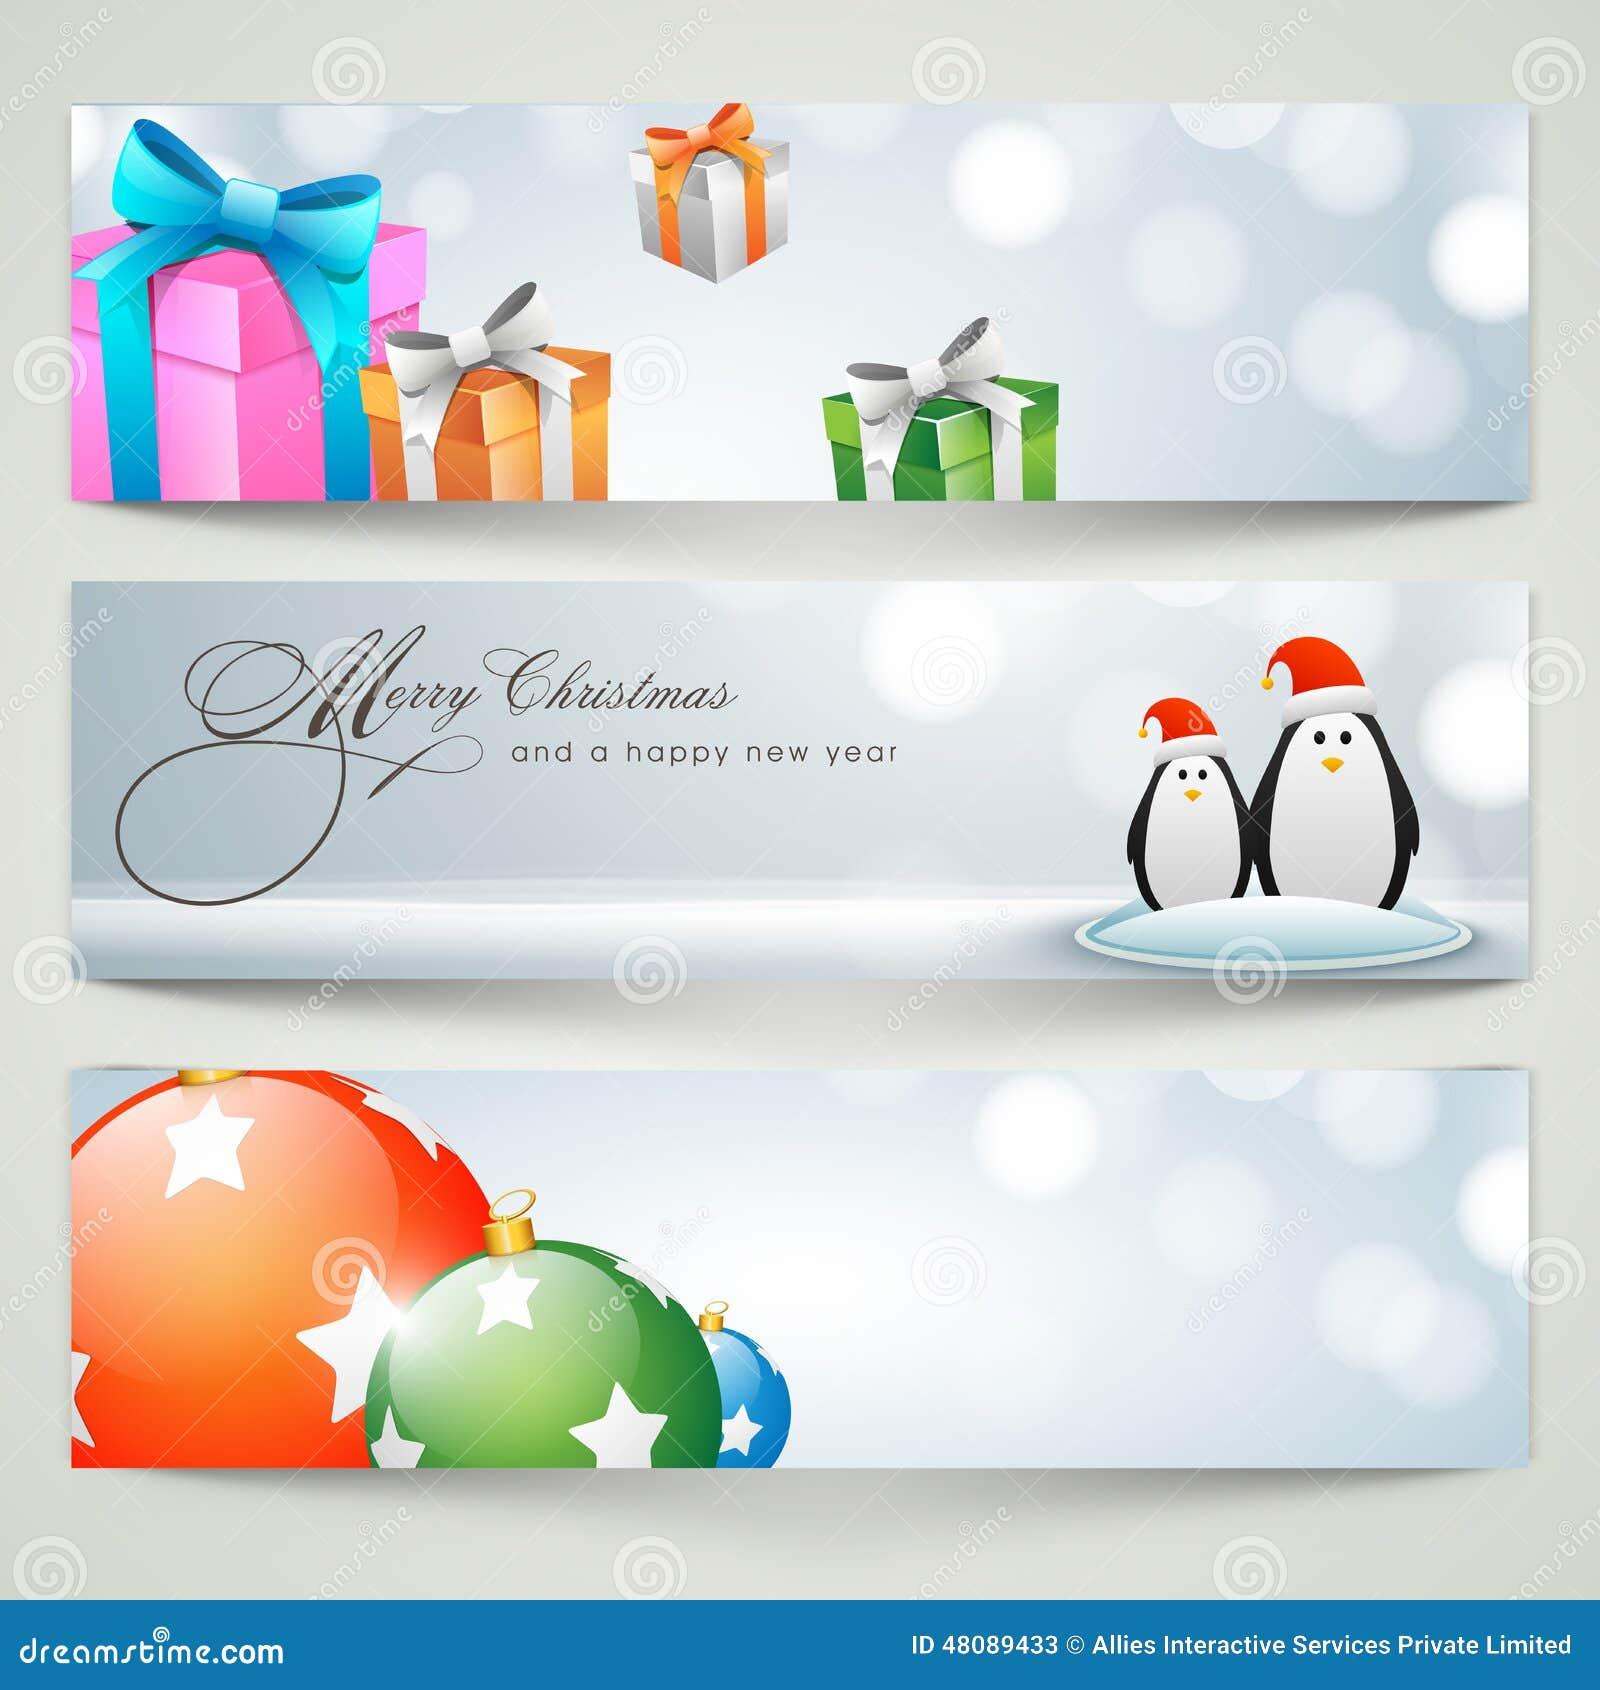 Banner Or Web Header Design For Merry Christmas Celebration. Stock ...